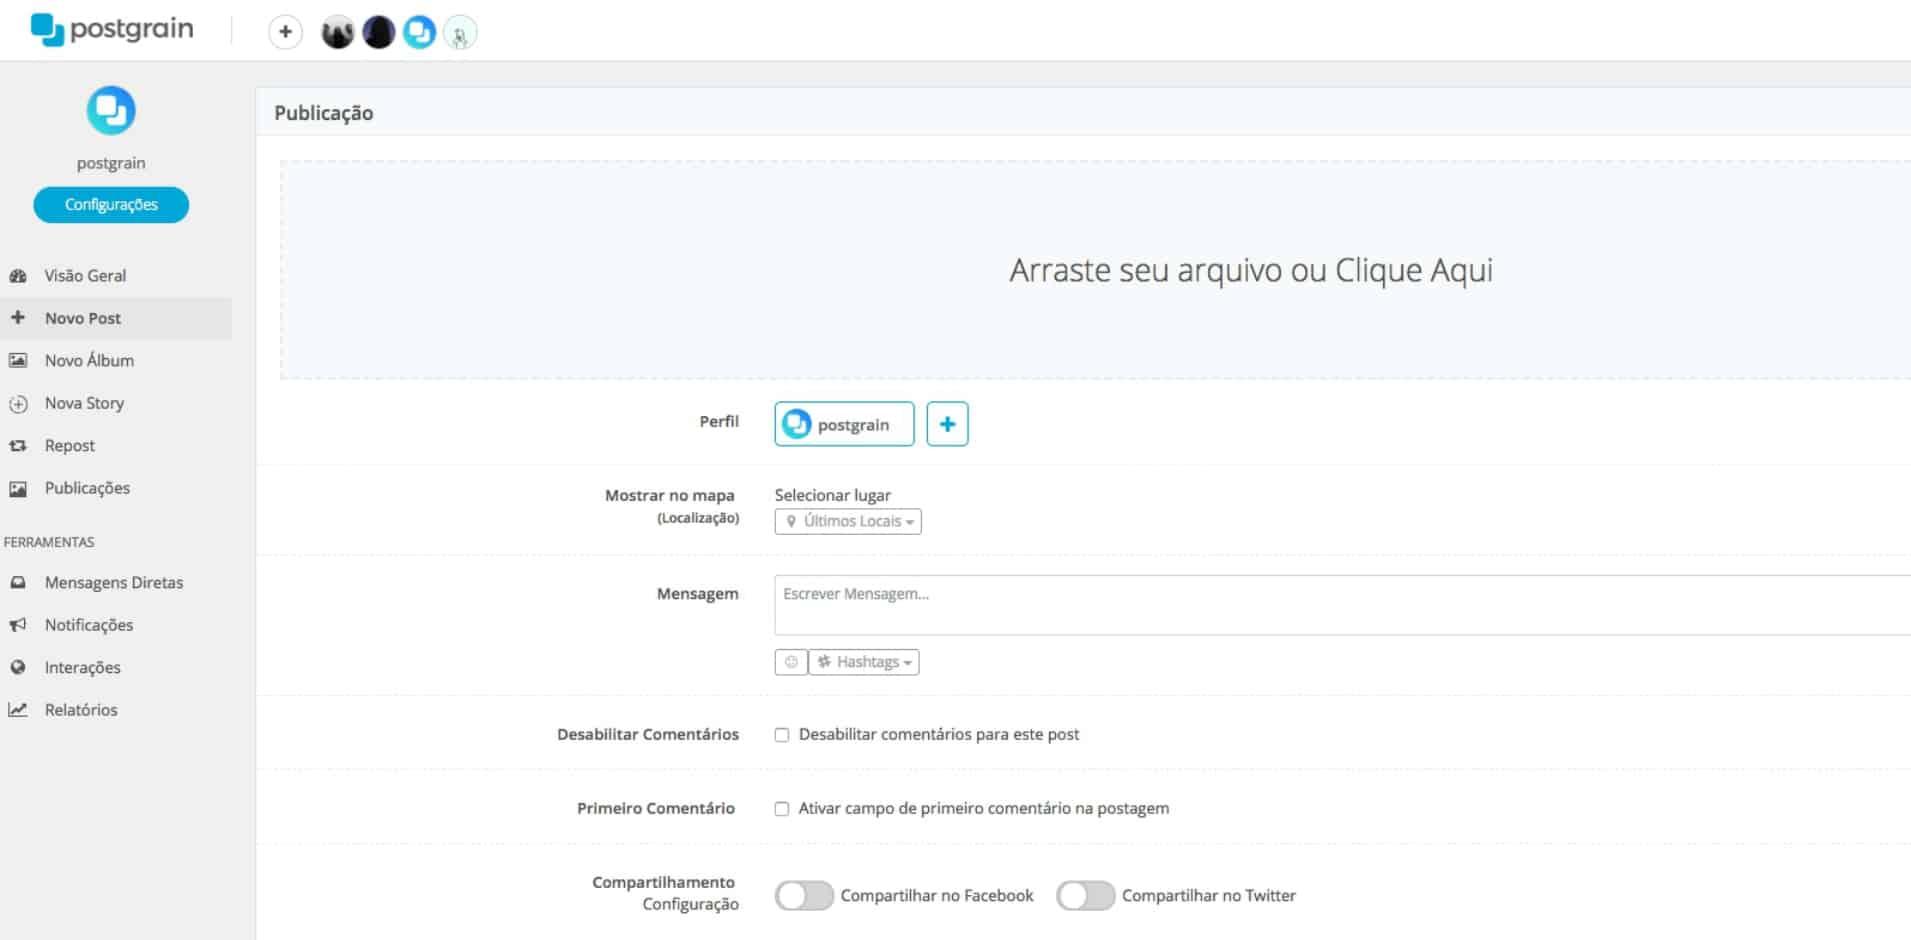 aplicativos-de-instagram-para-agencias-postgrain